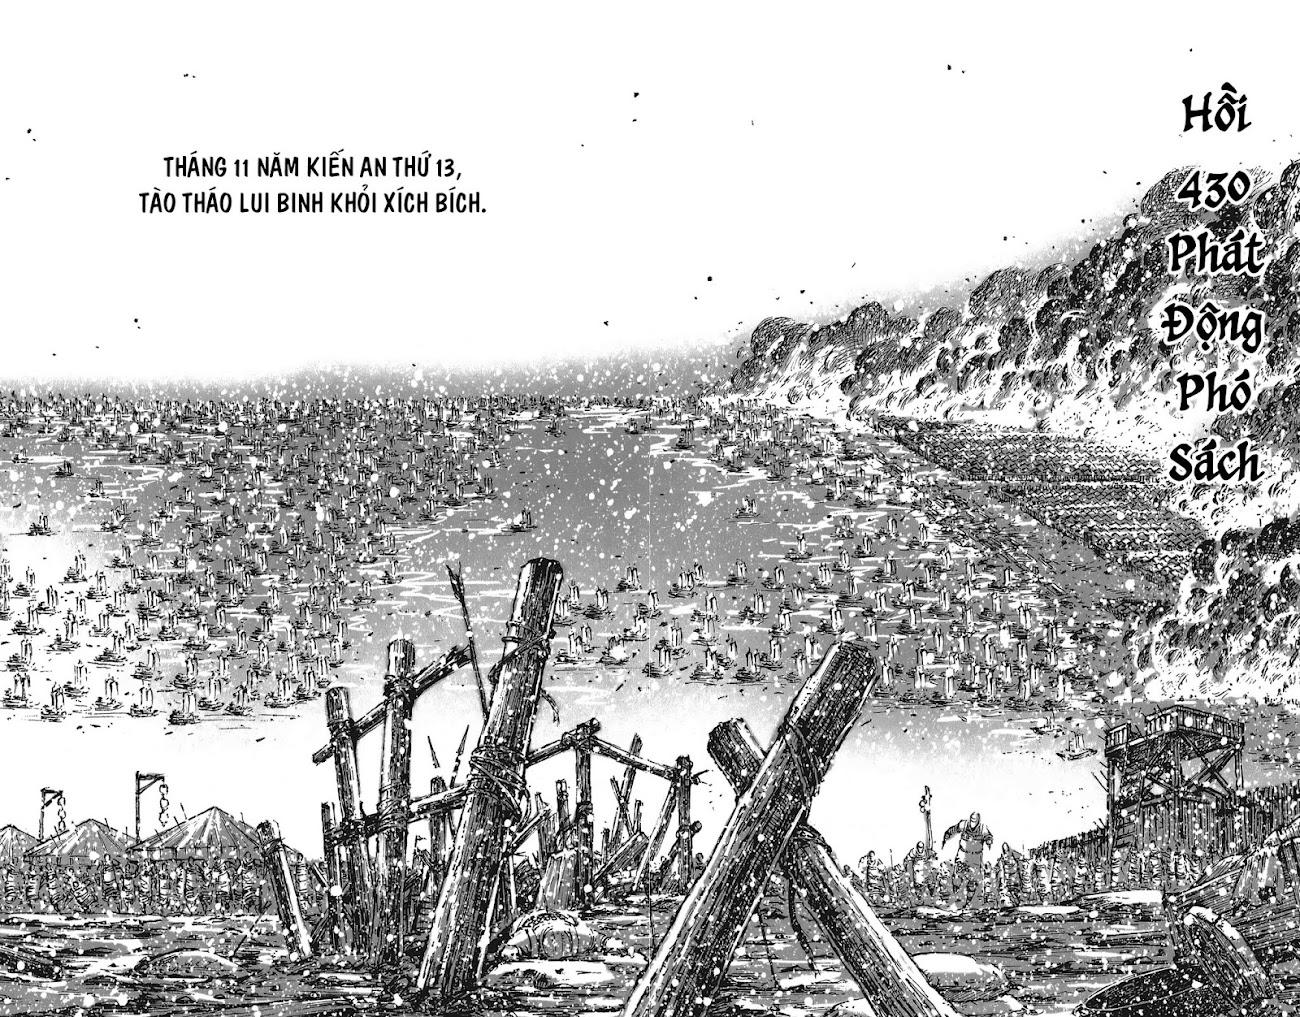 Hỏa phụng liêu nguyên Chương 430: Phát động phó sách [Remake] trang 2